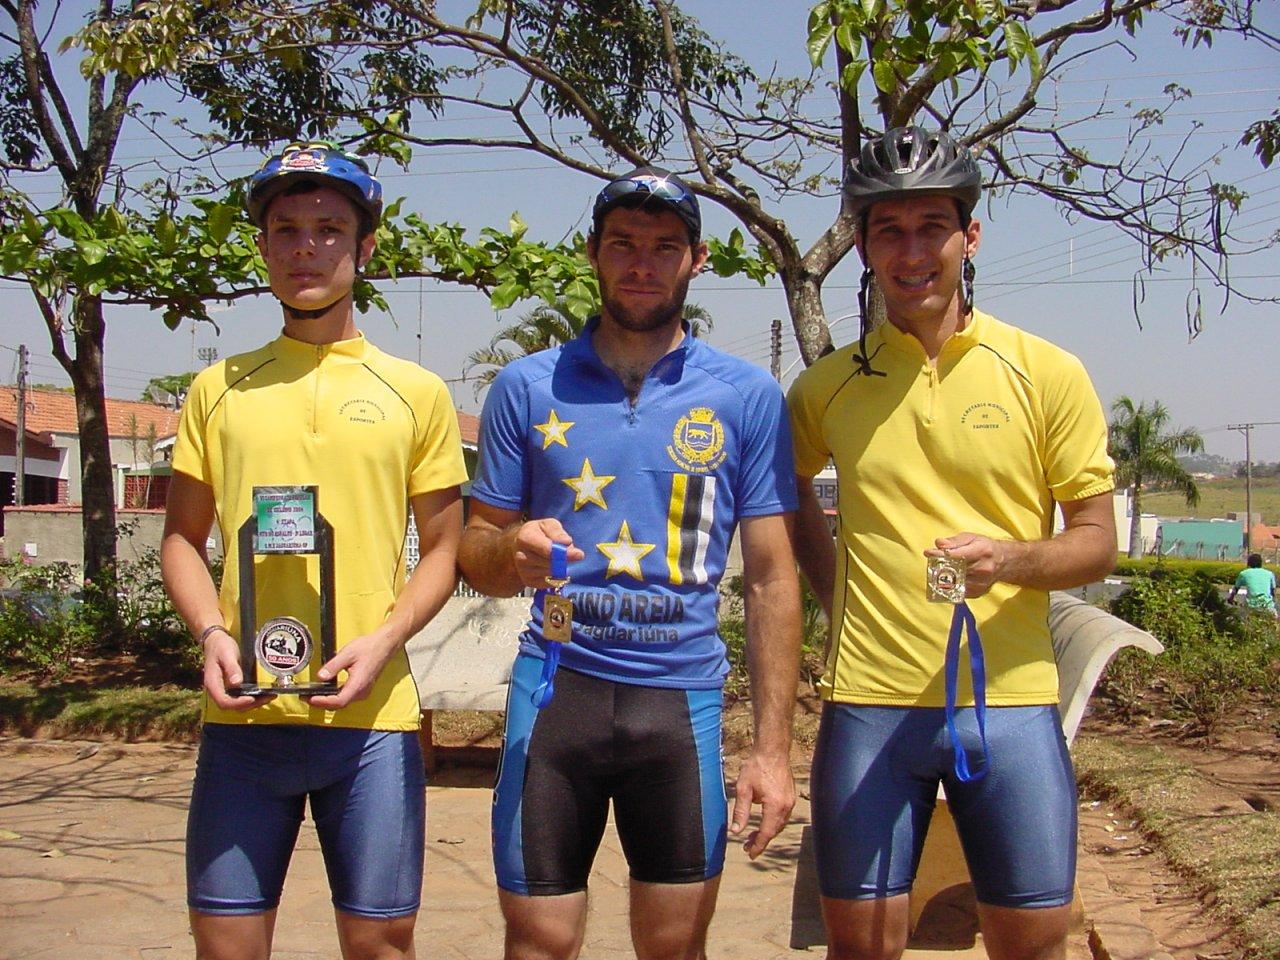 Manoel foi 2º colocado; Beto chegou em 4º e Cleber foi 6º colocado na prova